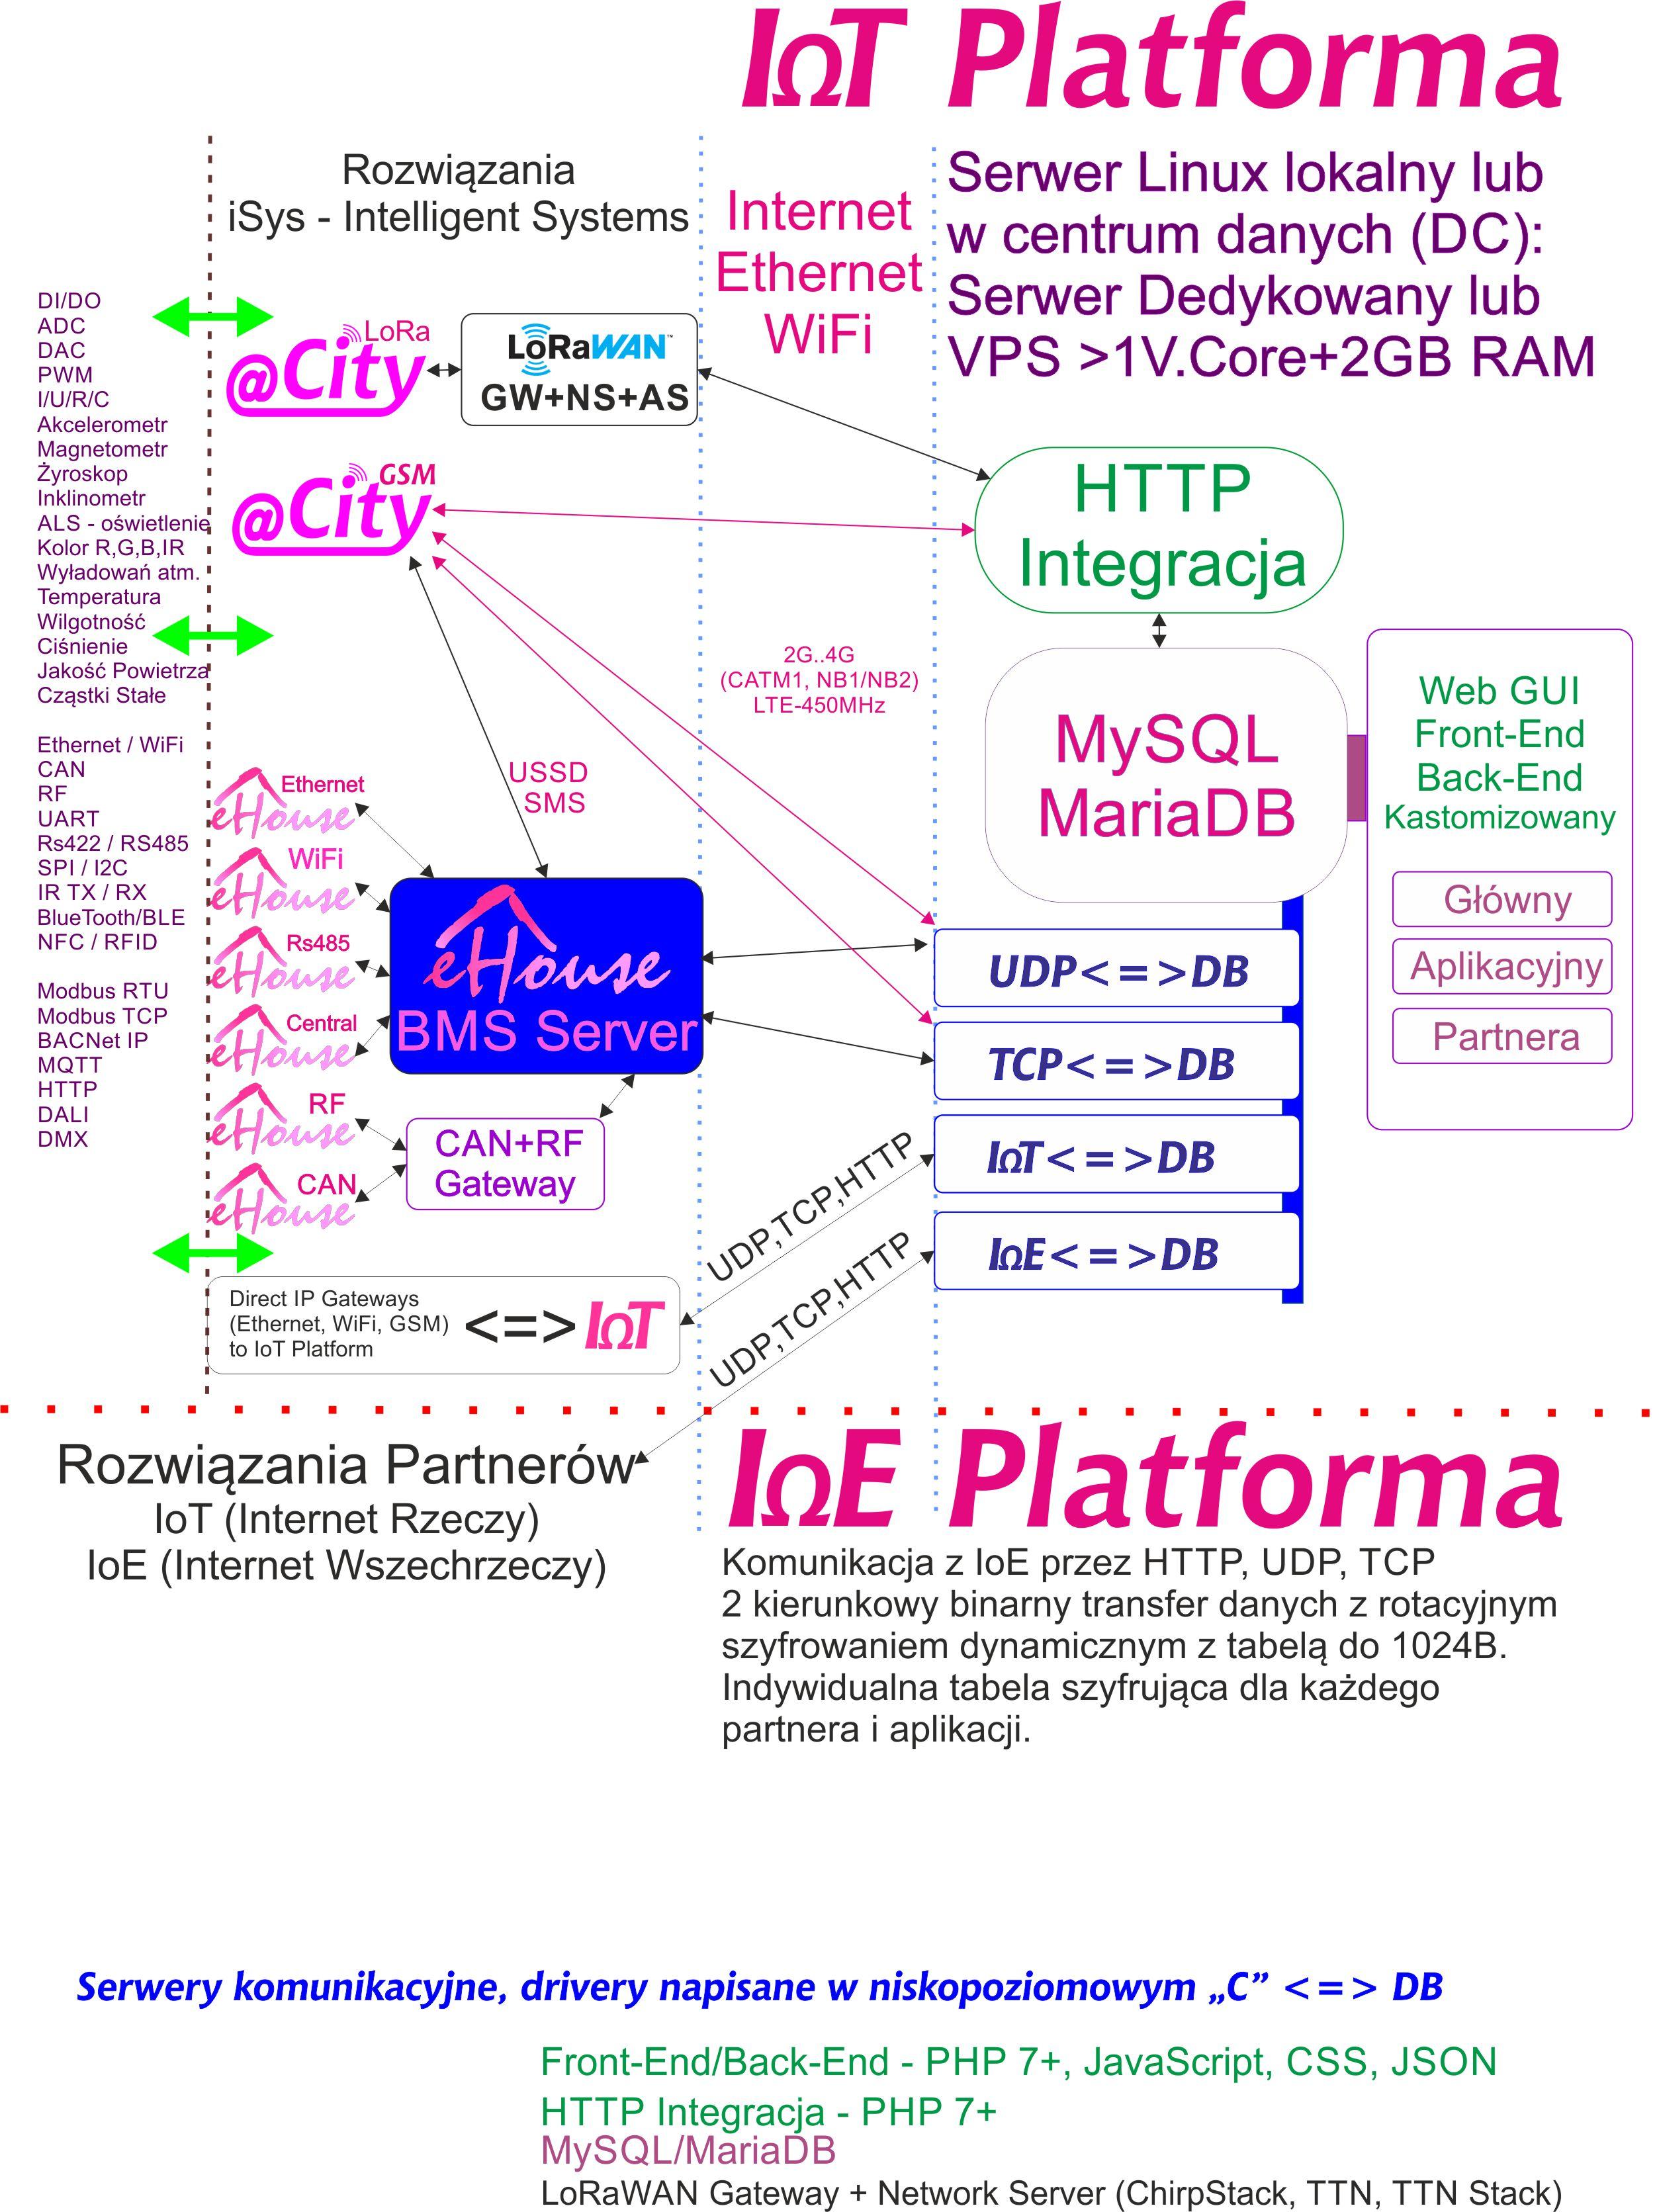 Platforma Chmura IoT/IoE - dedykowana dla partnerów